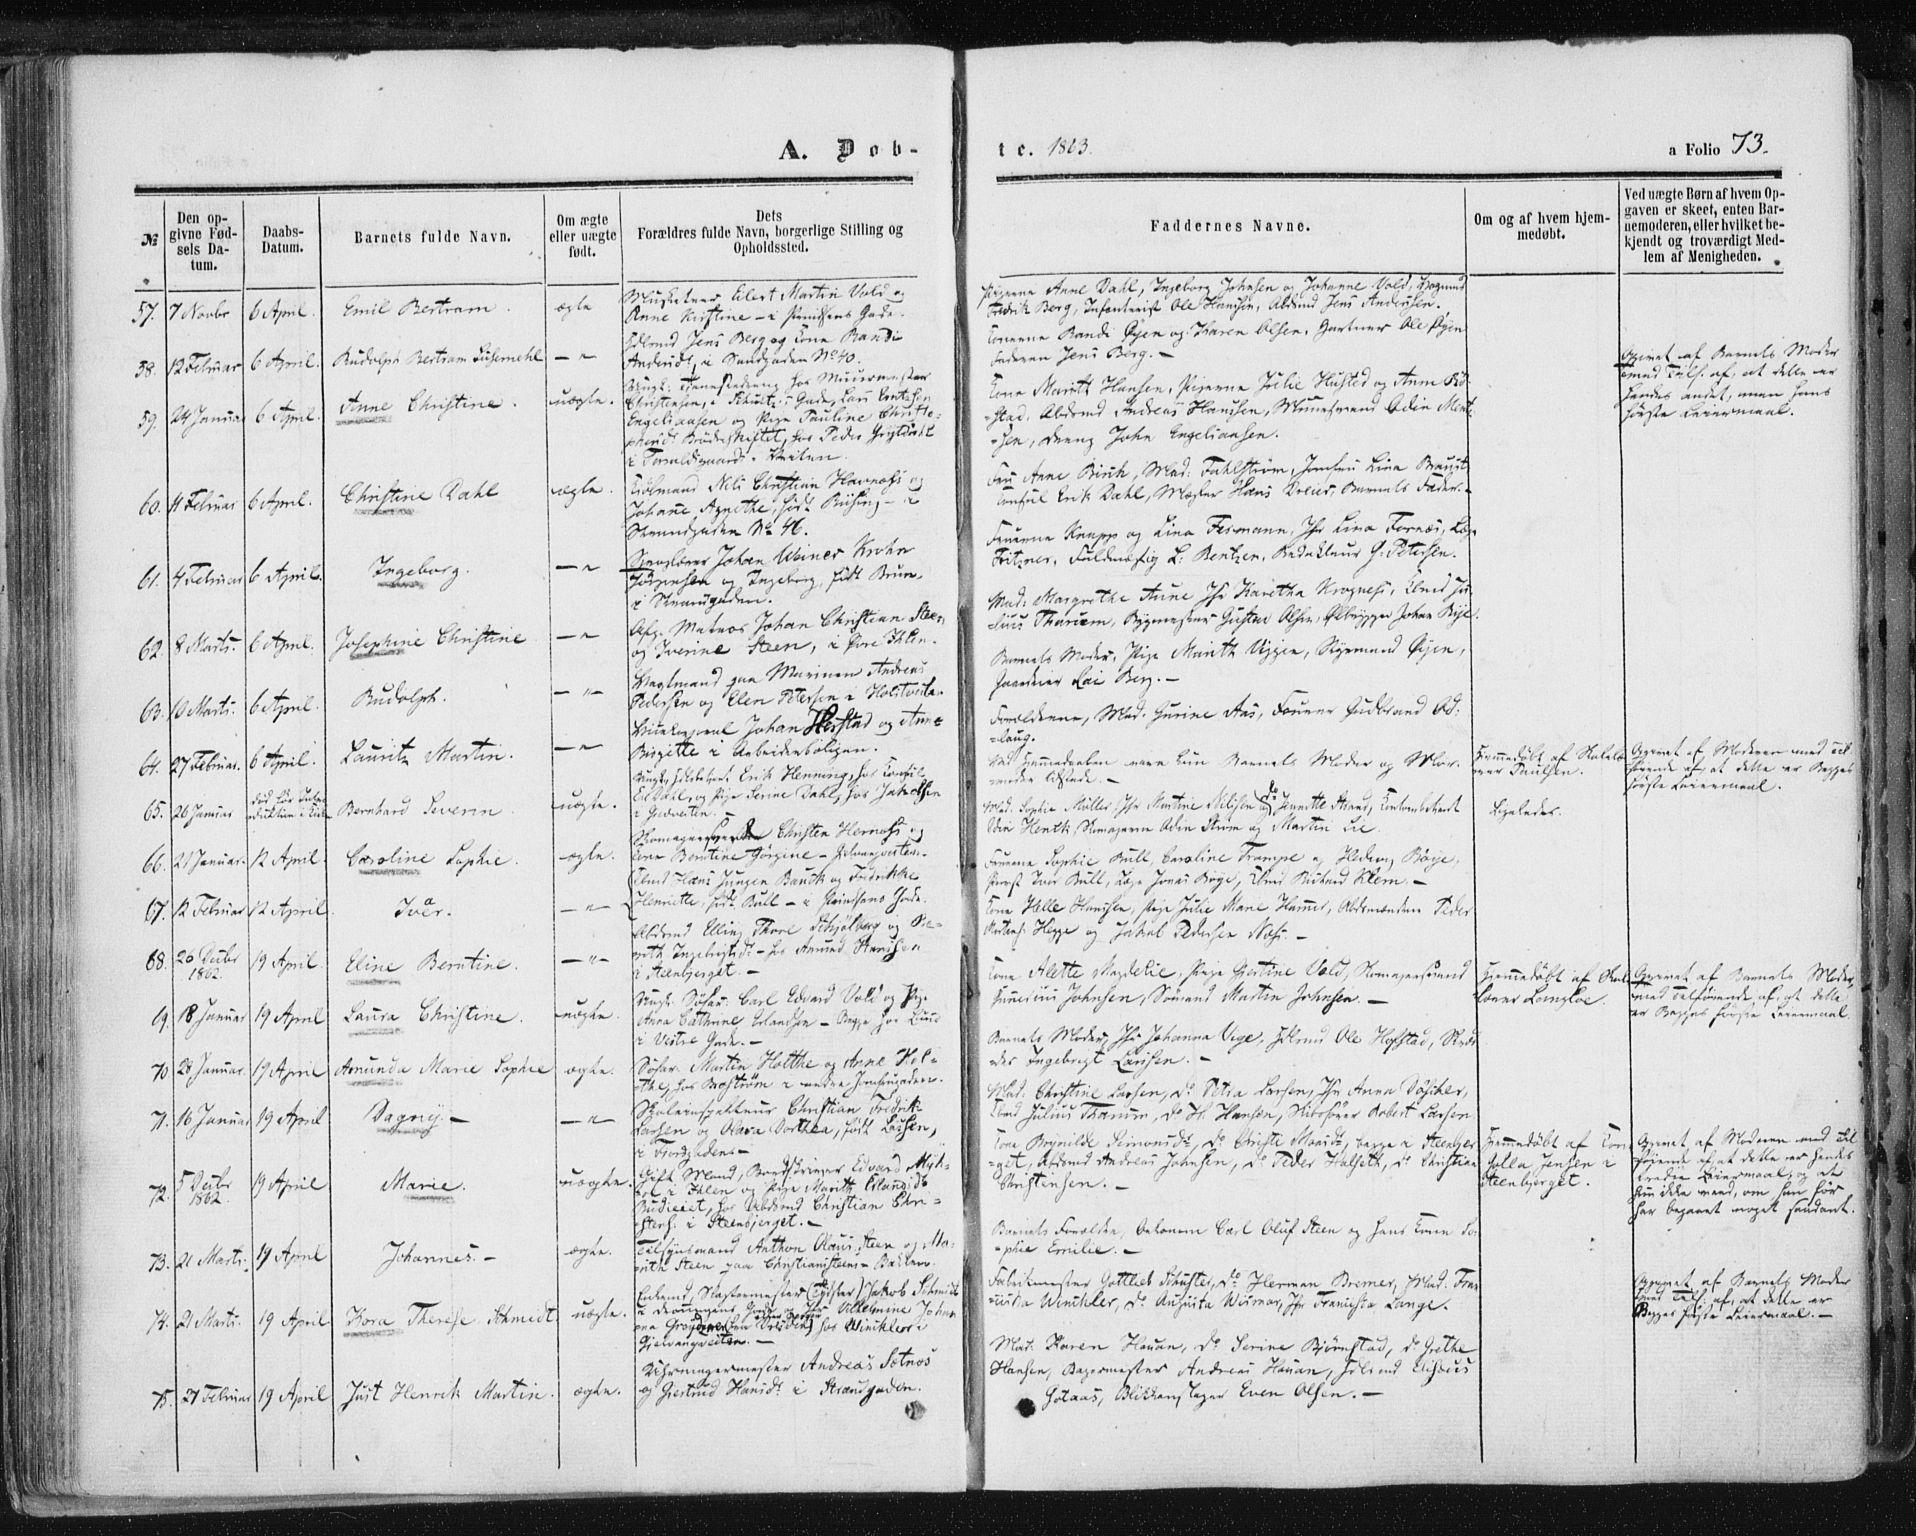 SAT, Ministerialprotokoller, klokkerbøker og fødselsregistre - Sør-Trøndelag, 602/L0115: Ministerialbok nr. 602A13, 1860-1872, s. 73